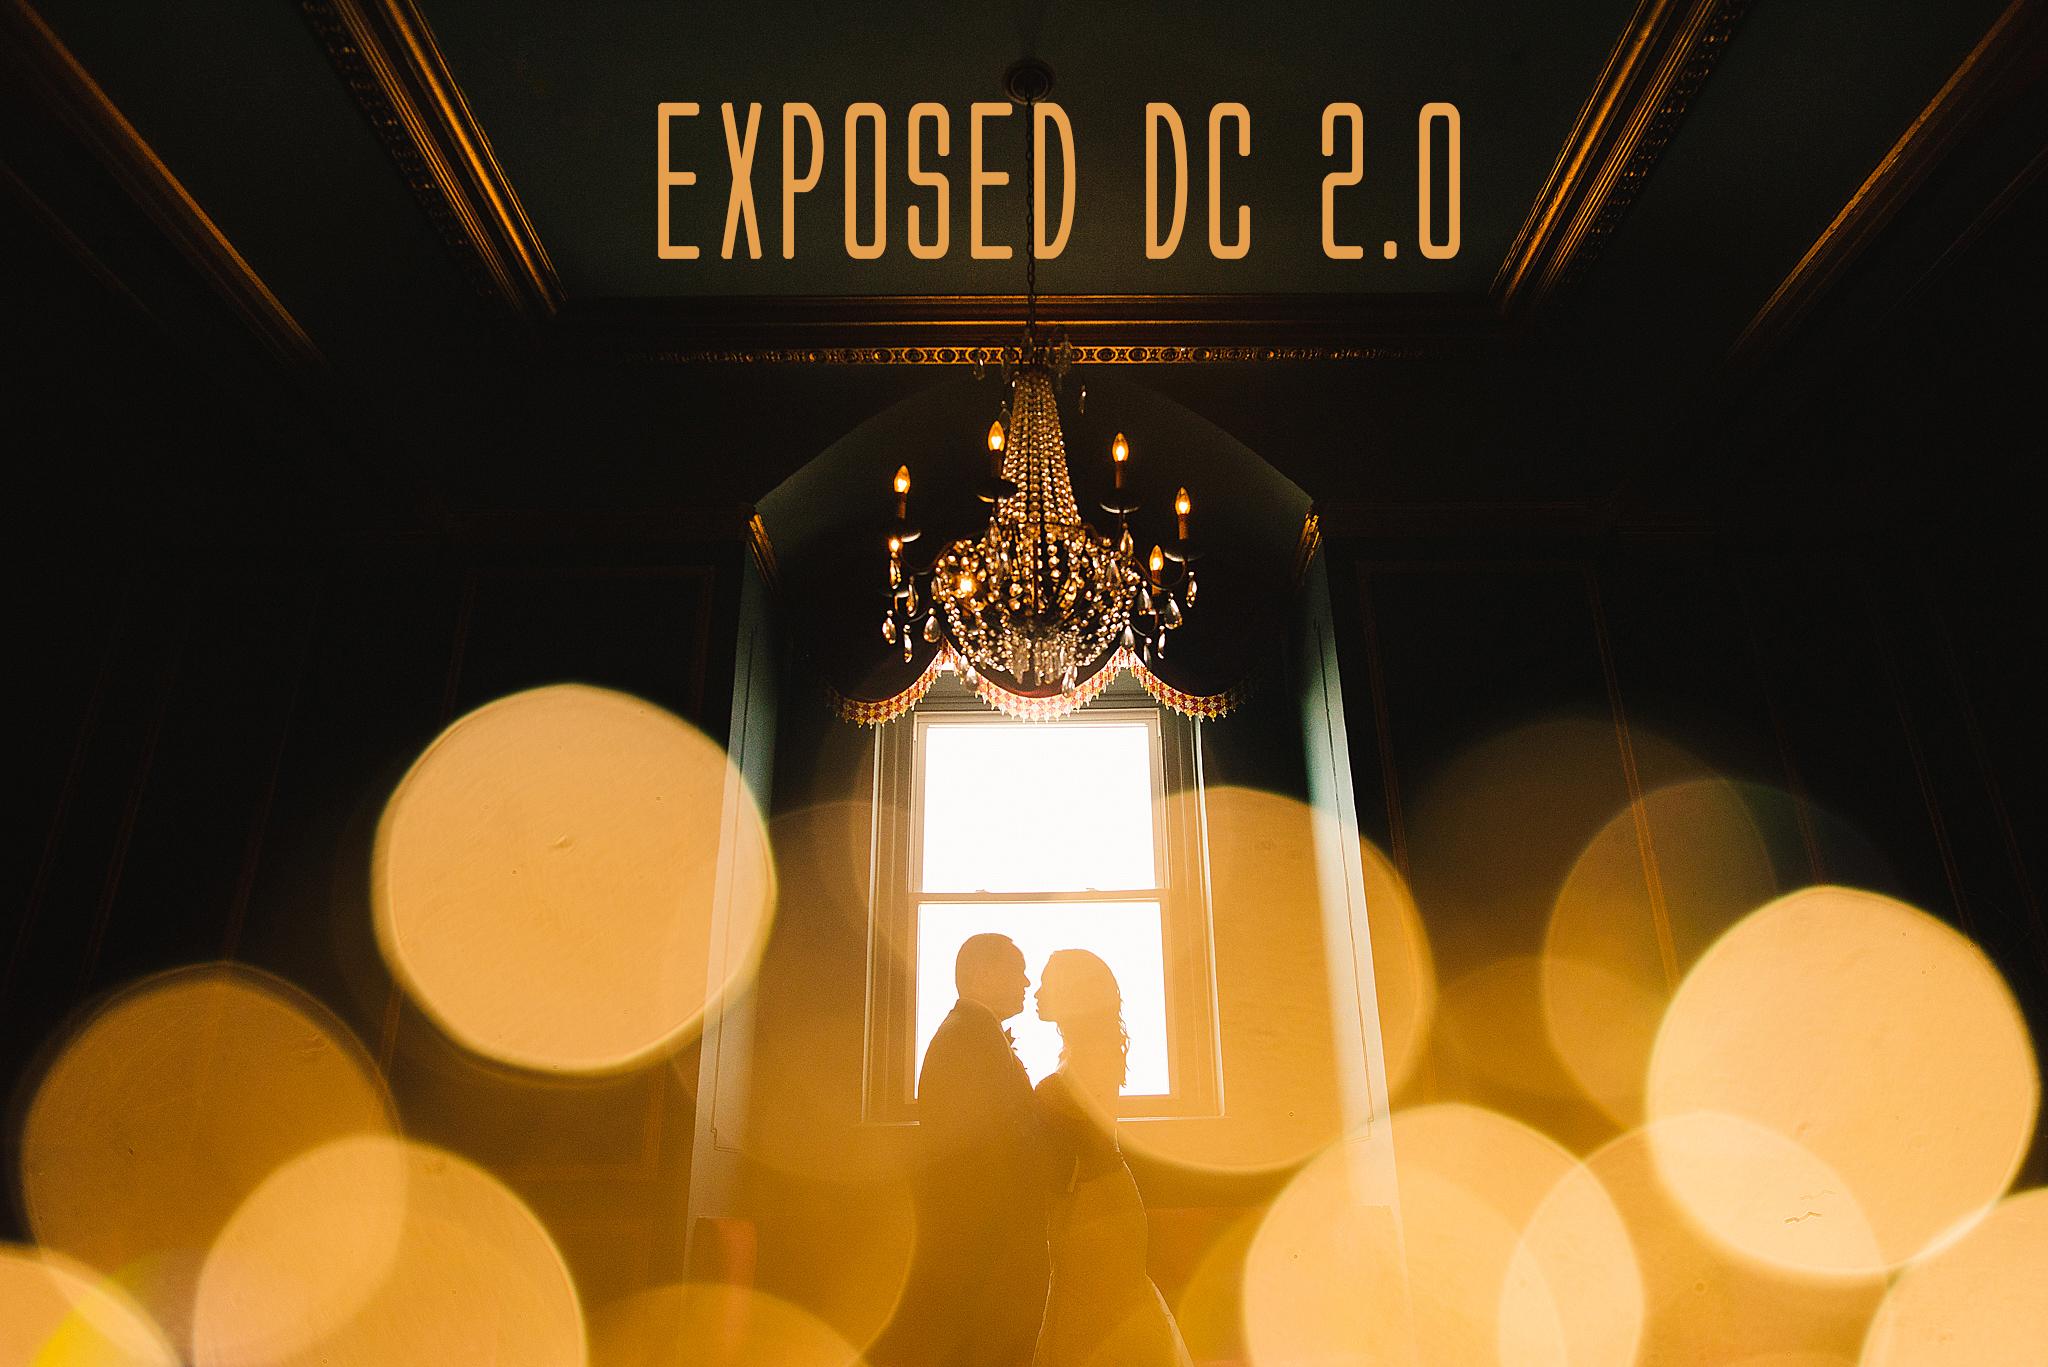 EXPOSED 2.0.jpg